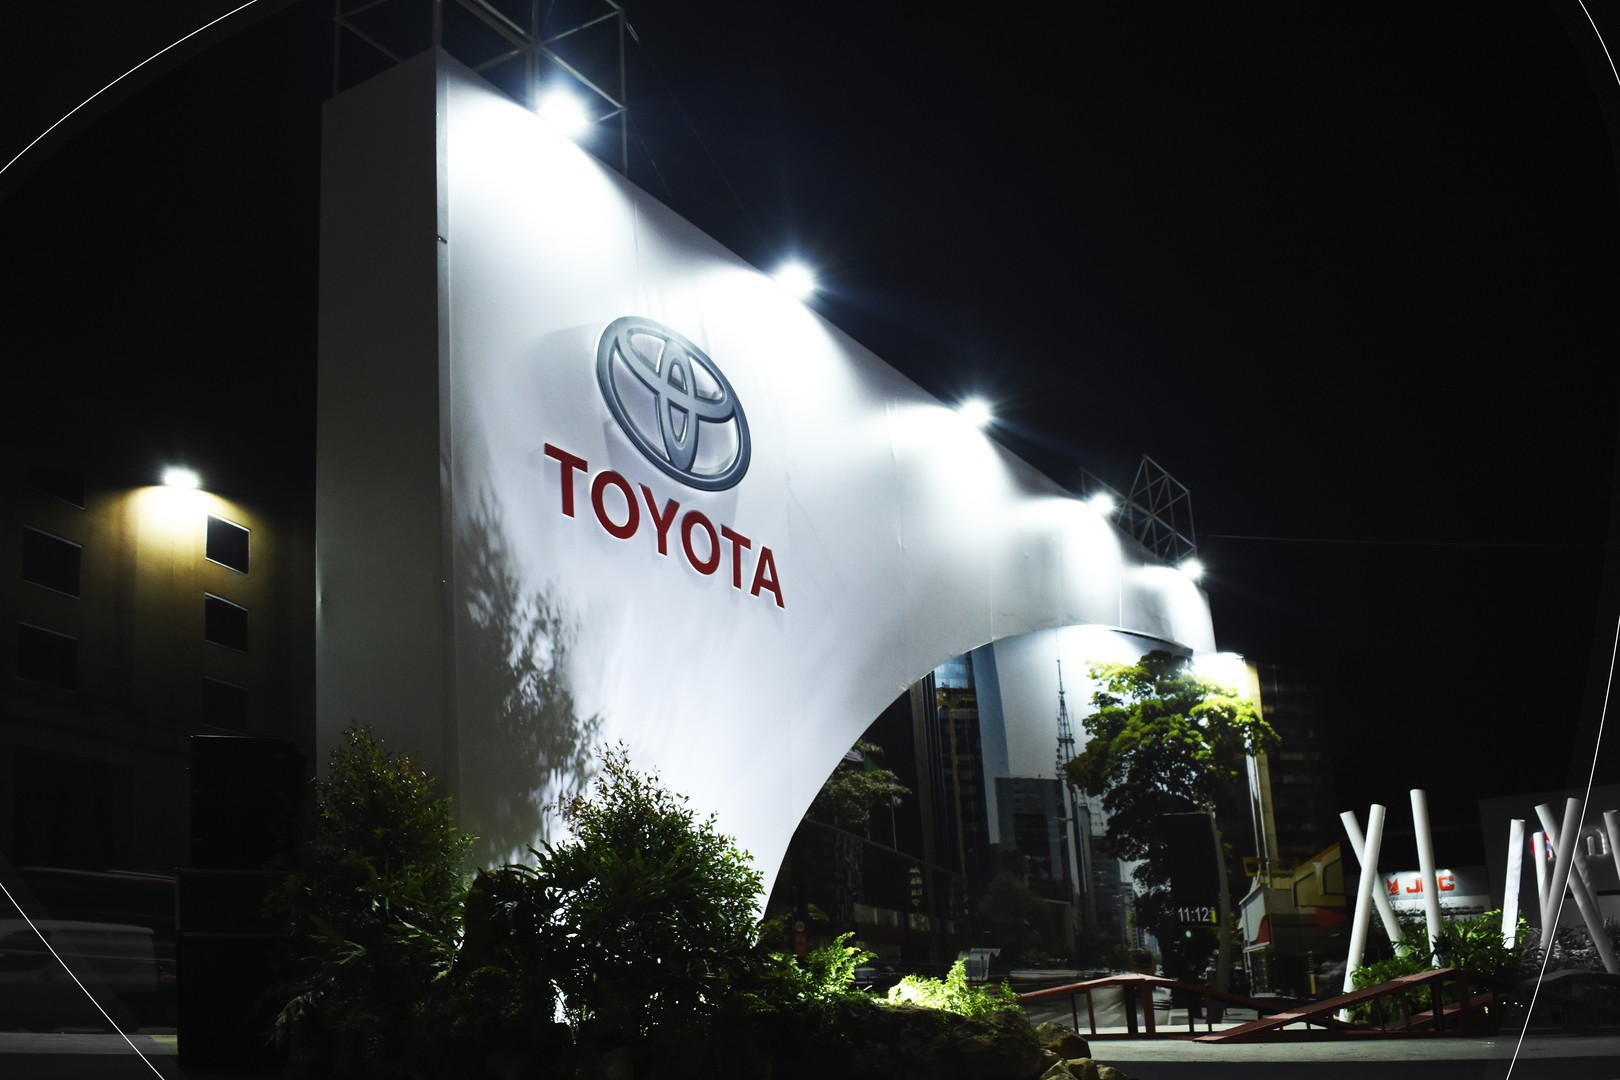 Toyota JPP_5361.JPG